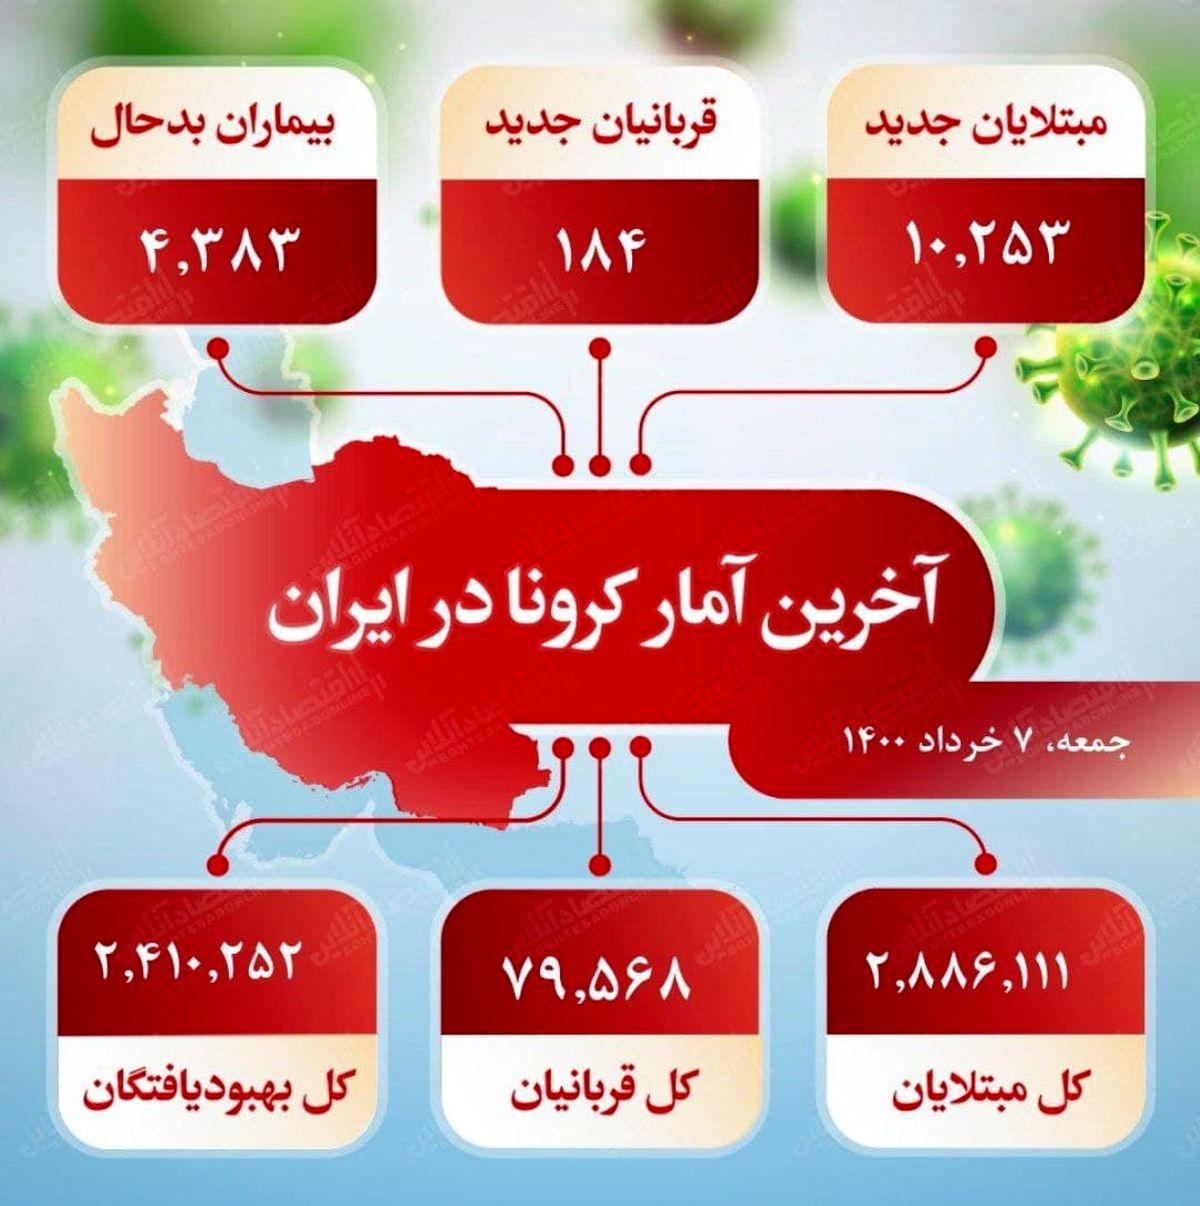 آخرین آمار کرونا در ایران (۱۴۰۰/۳/۷)